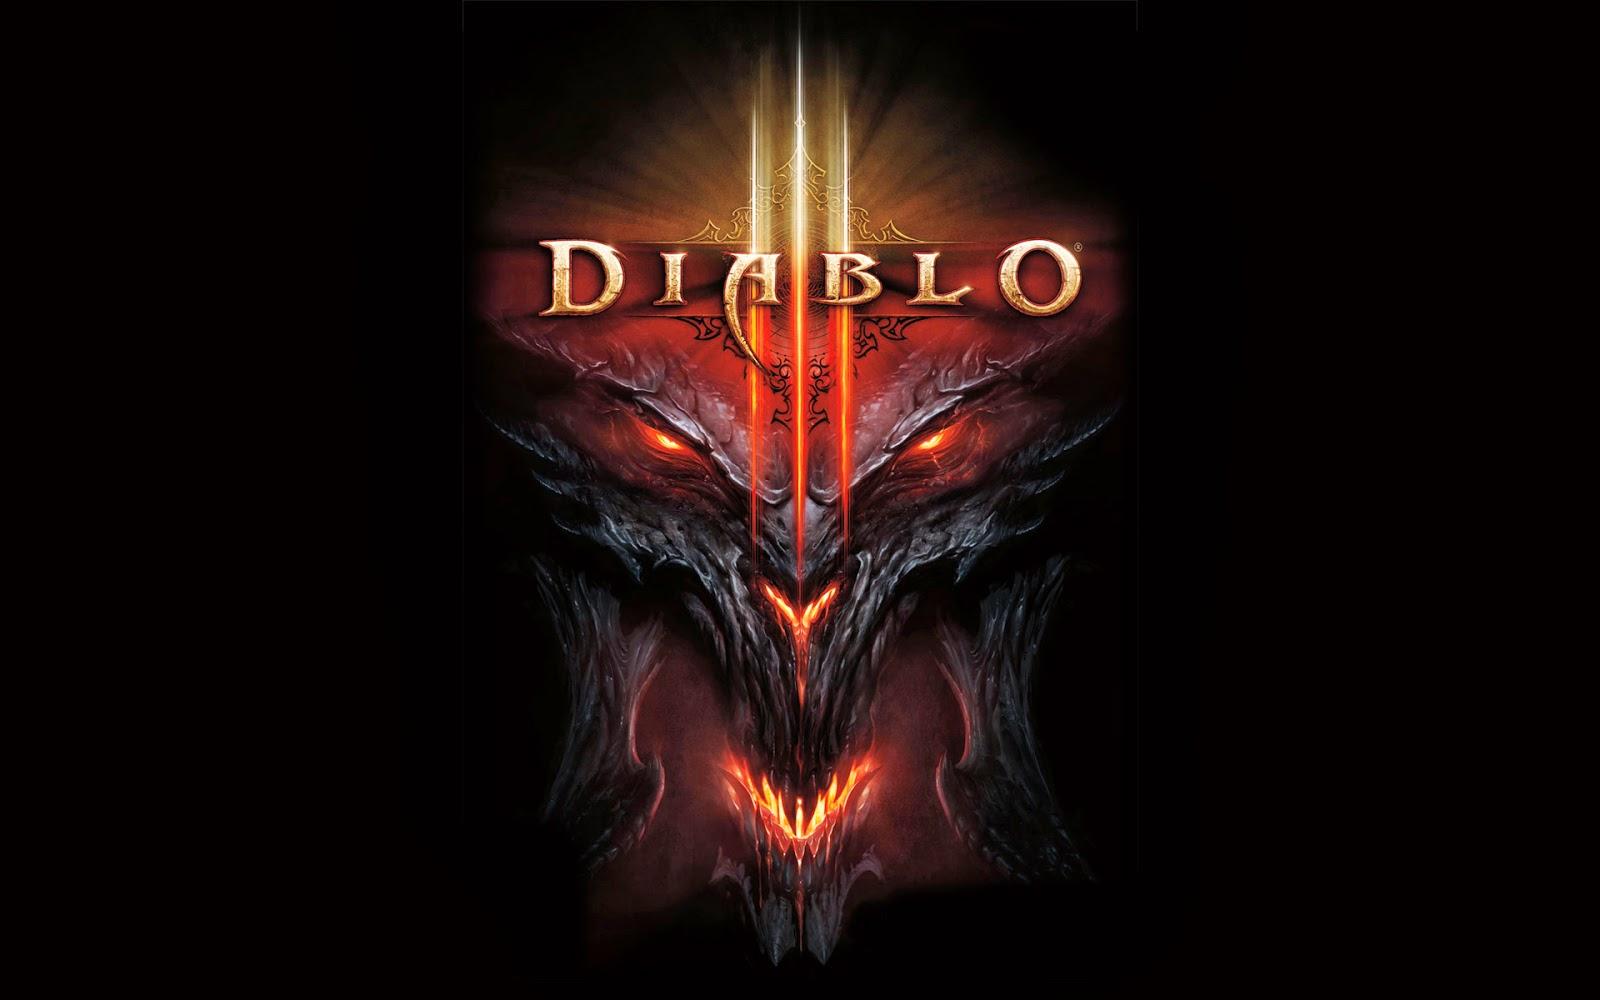 Edição de Diablo 3 em desenvolvimento para Xbox One e PS4